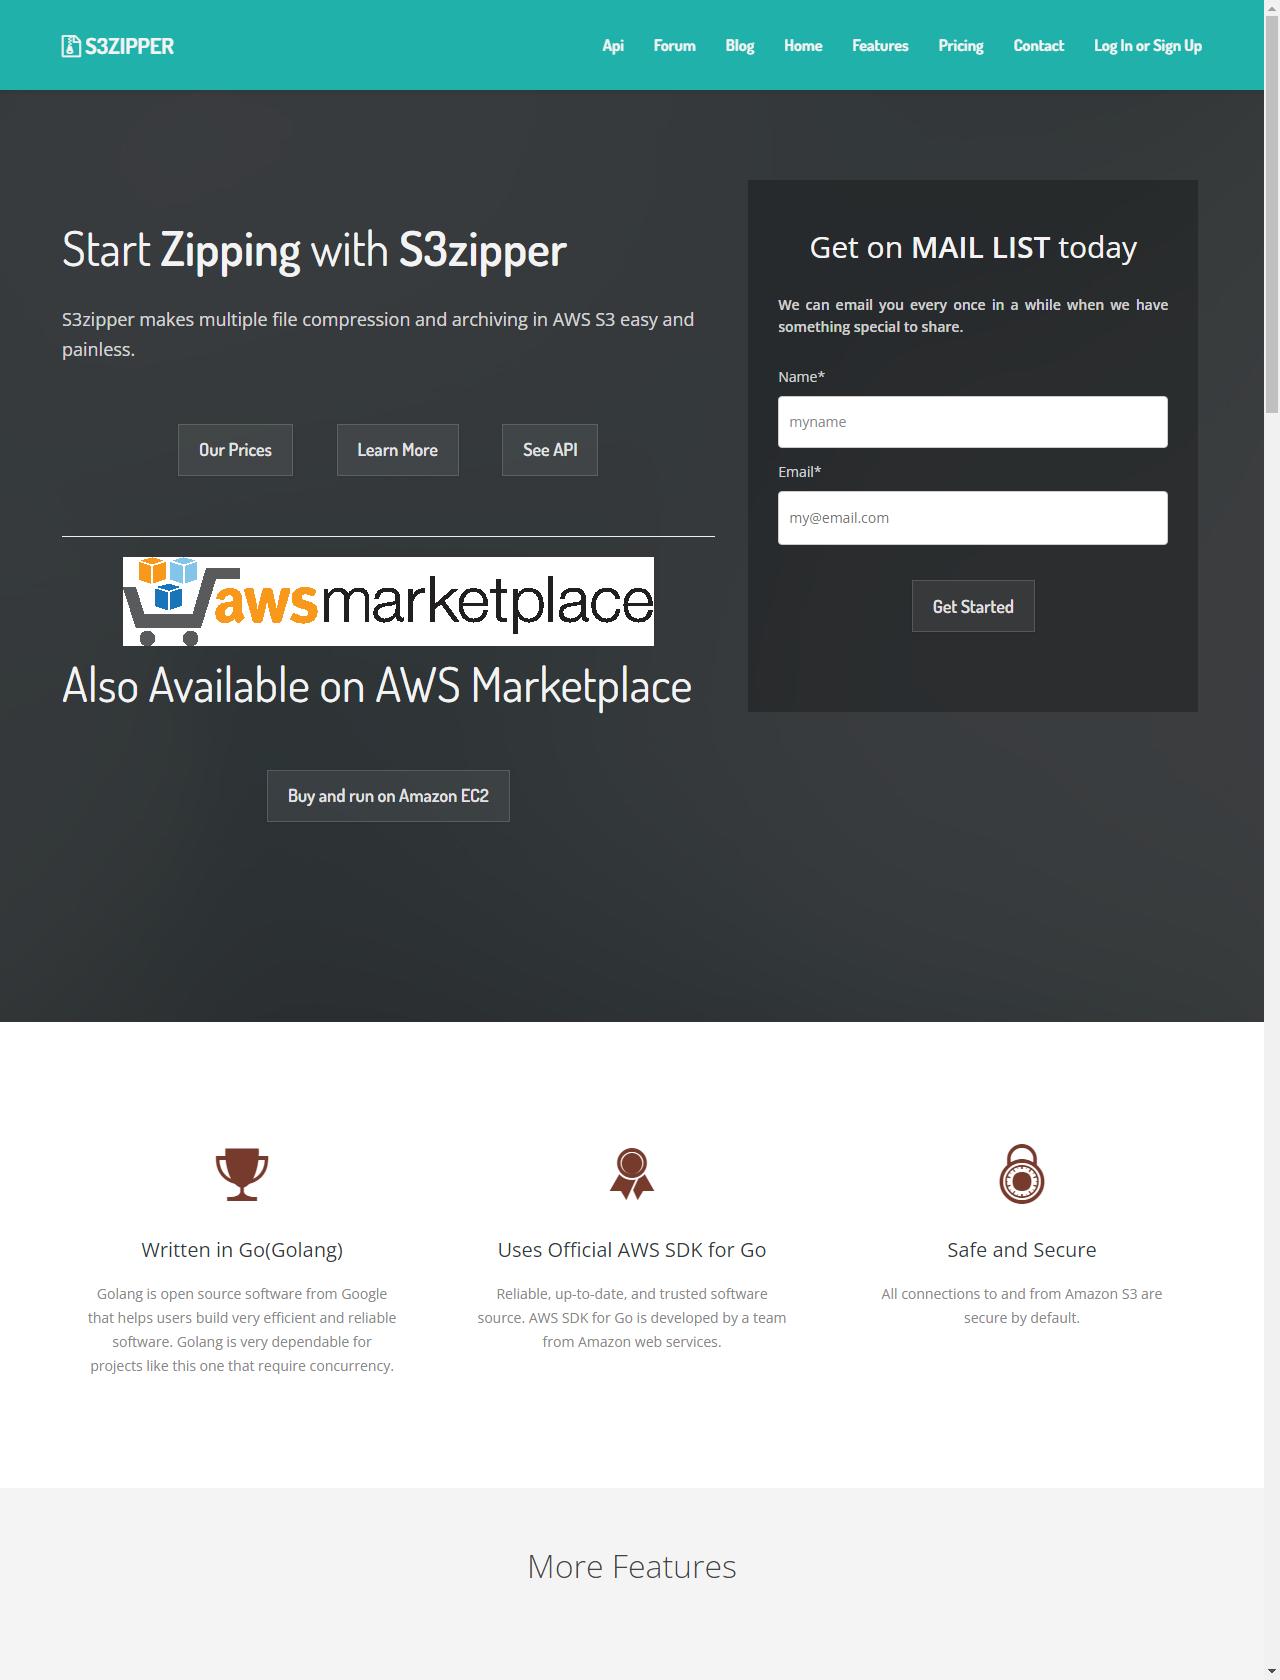 Screenshot Desktop - https://s3zipper.com/